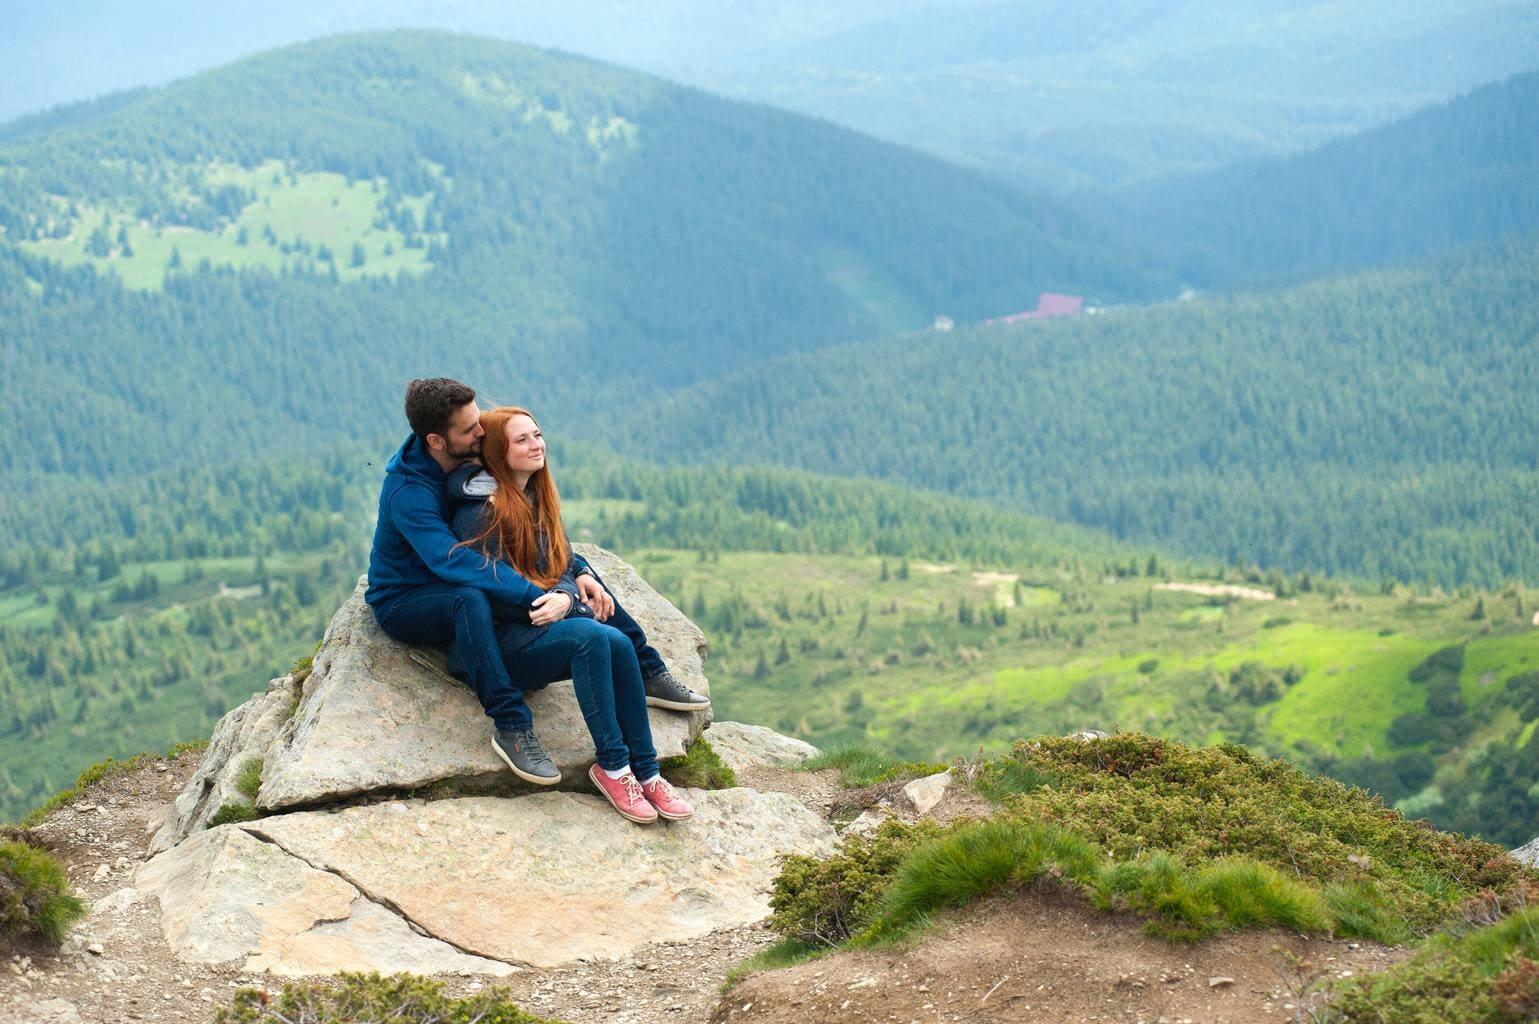 Pareja en lo alto de una montaña con vistas al paisaje